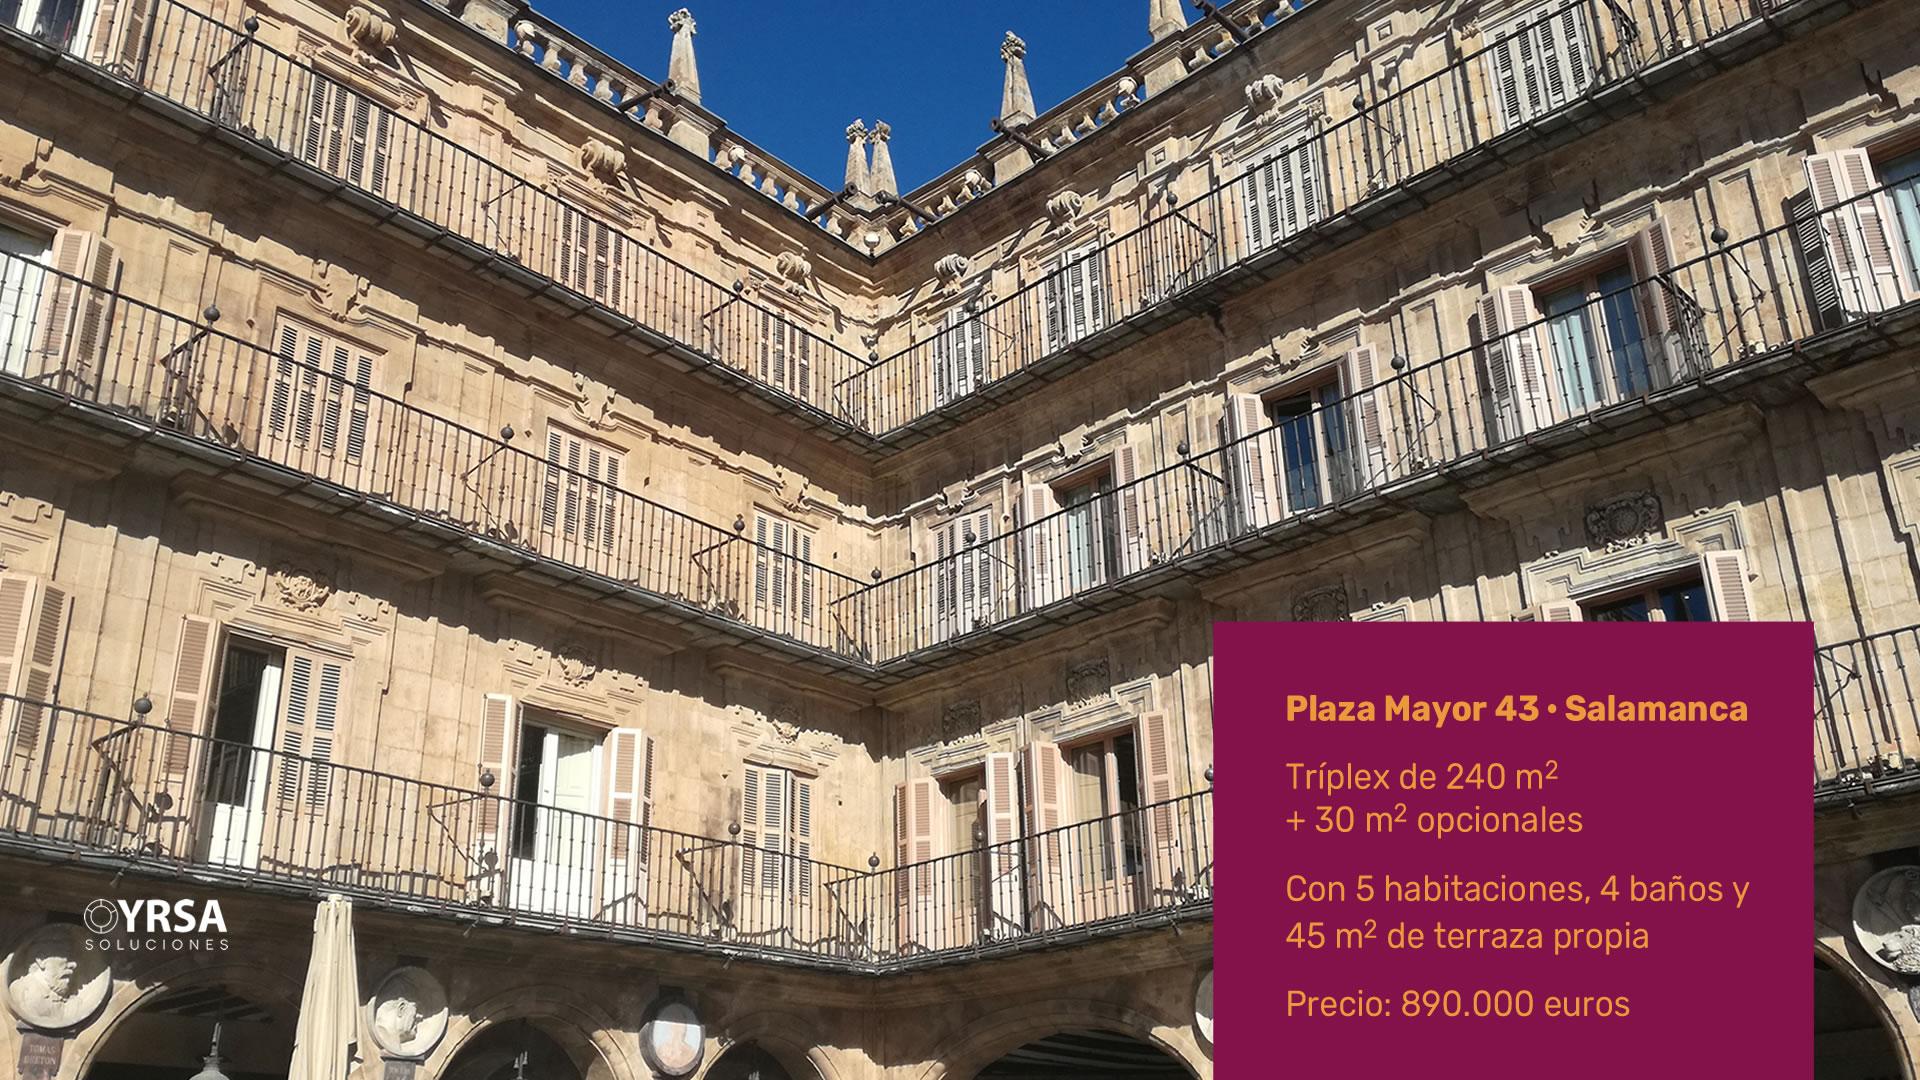 11 OYRSA Proyectos en venta 13 Plaza Mayor 43